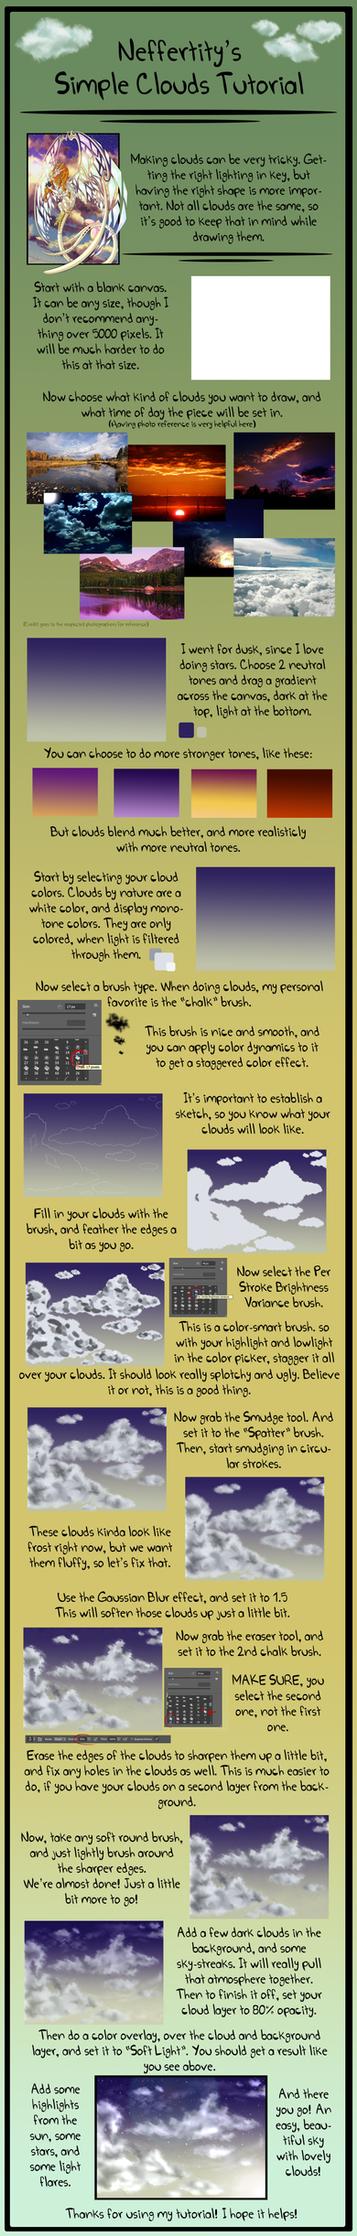 Cloud Tutorial by Neffertity